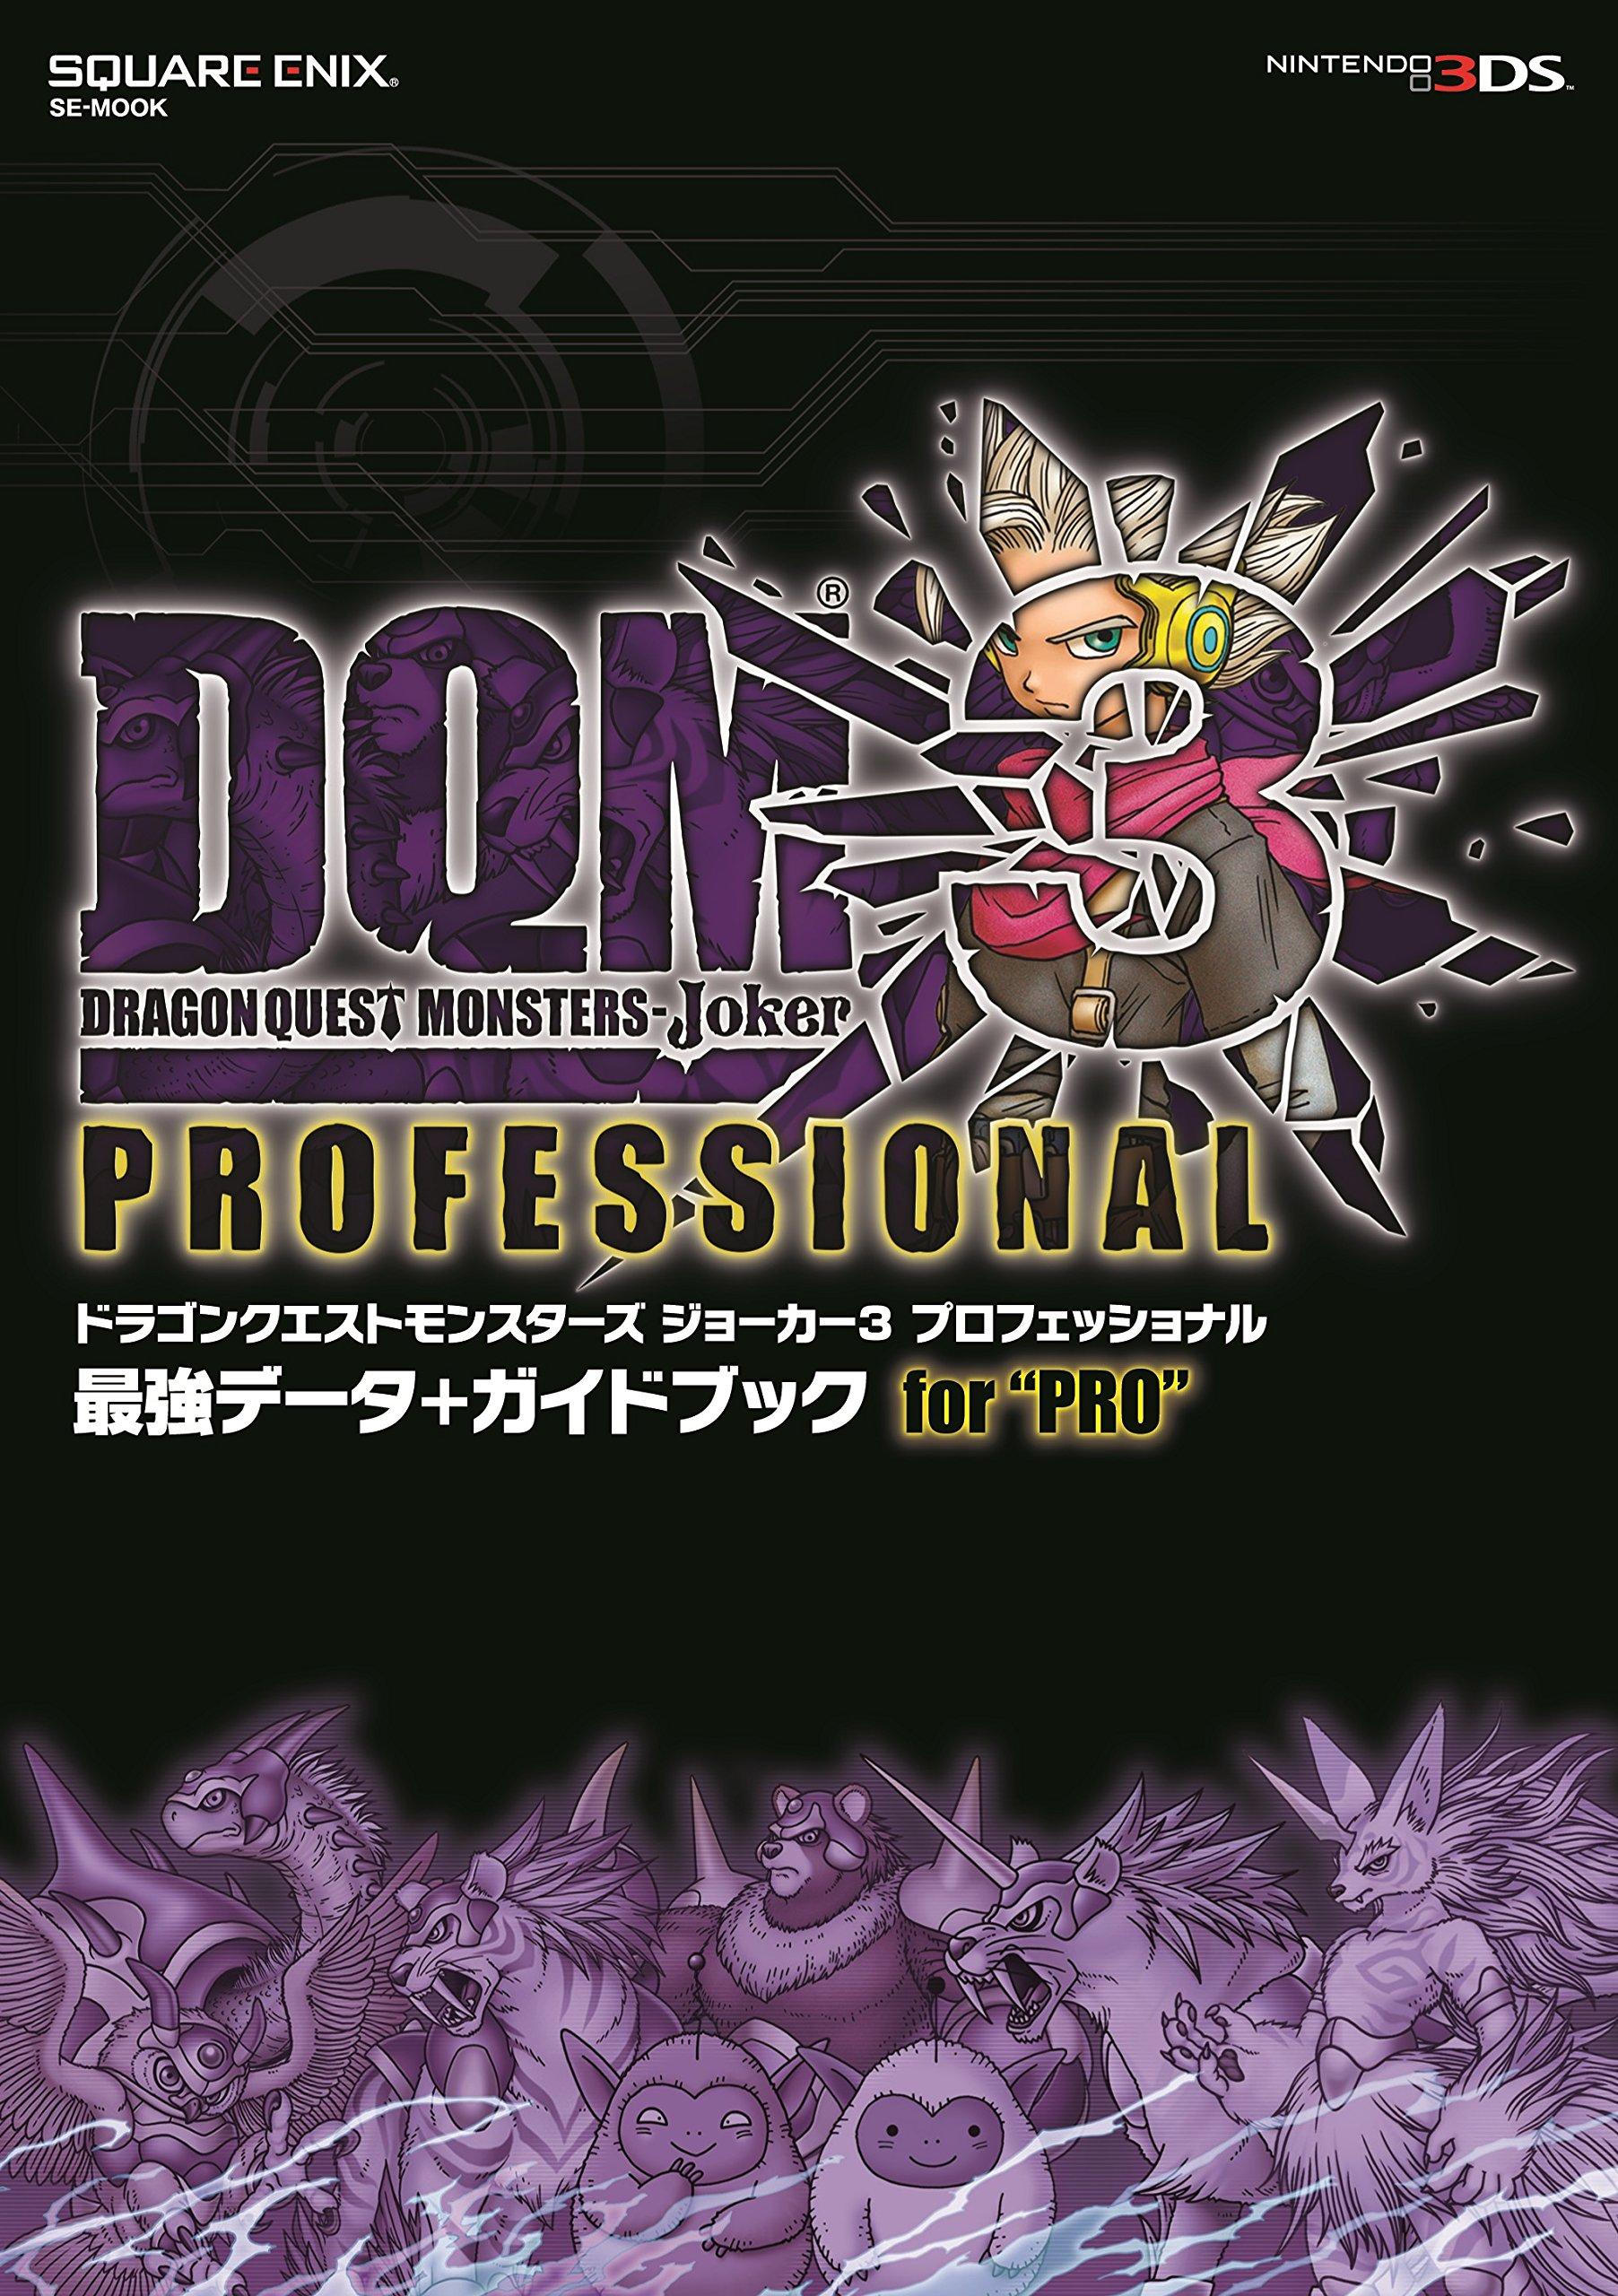 プロフェッショナル ドラクエ ジョーカー 3